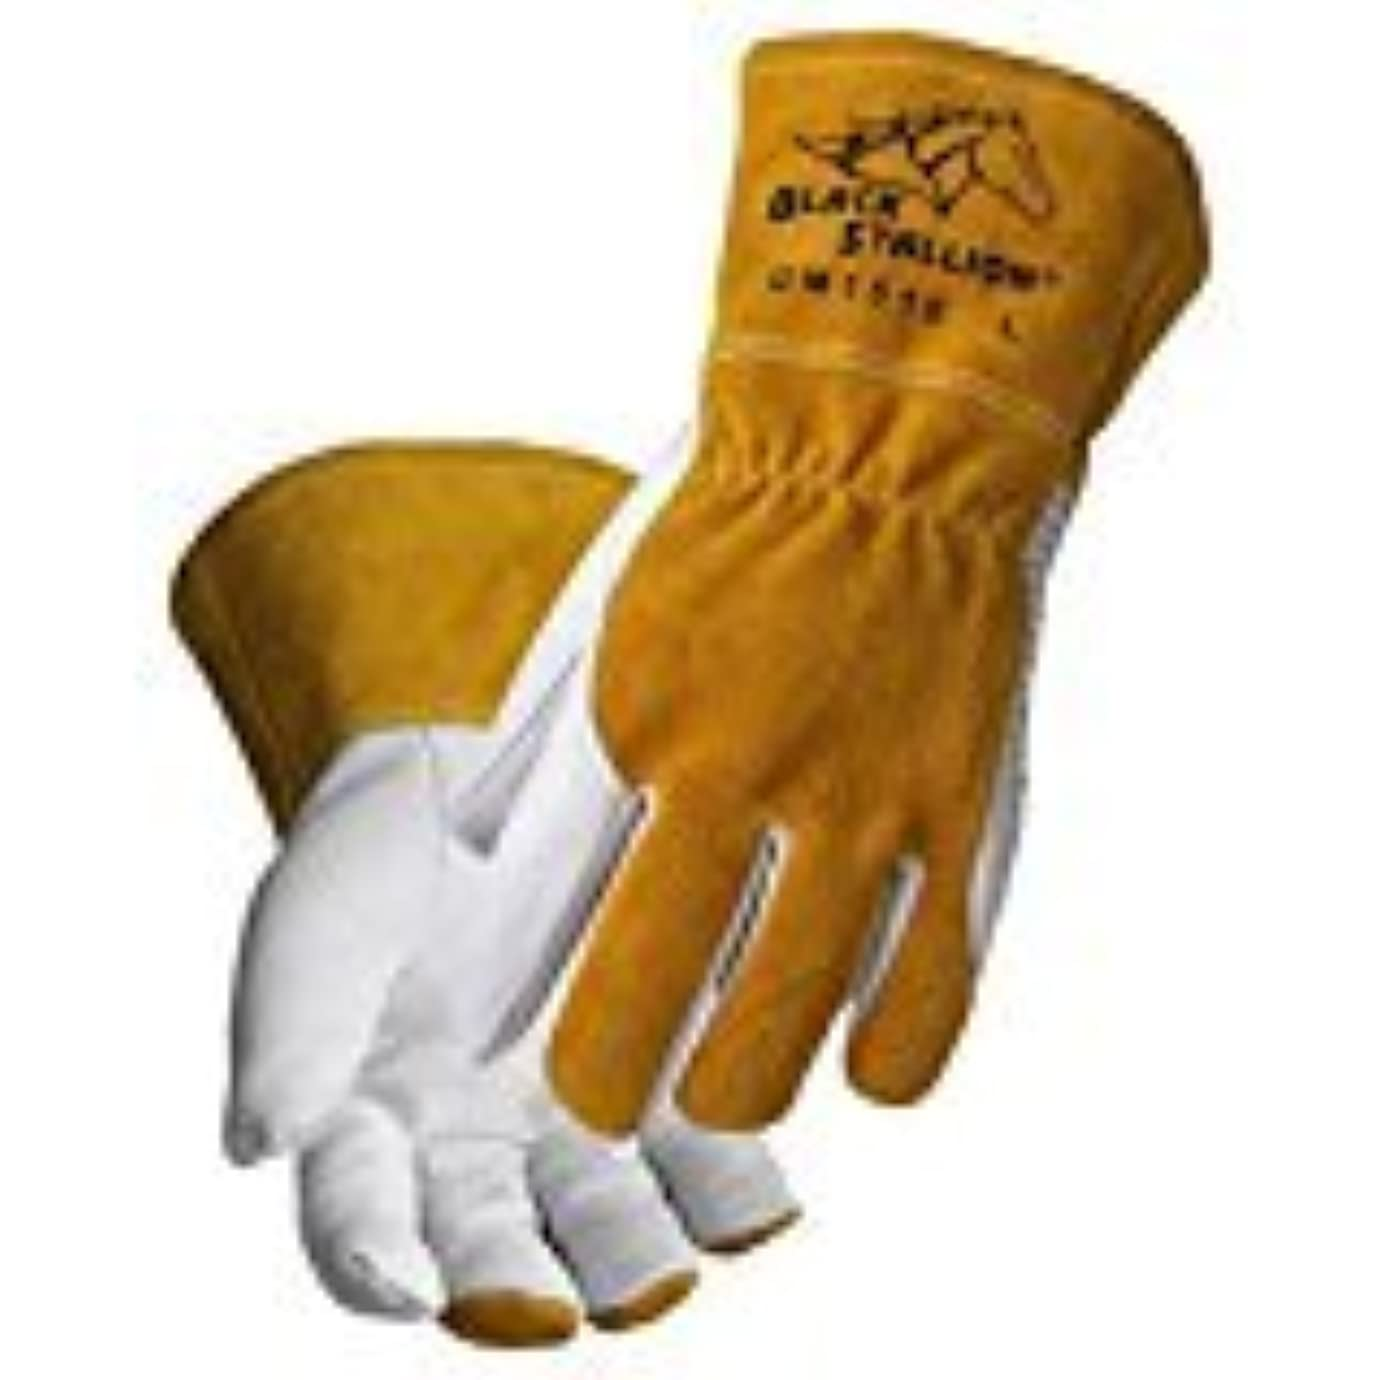 ばかげているがんばり続けるヨーグルトBlack Stallion ブラックスタリオン ゴート グレイン (ヤギ表革) / カウハイド (牛革) コンフォータブル & ハイデキスタリティー MIG溶接用 グローブ (XL)